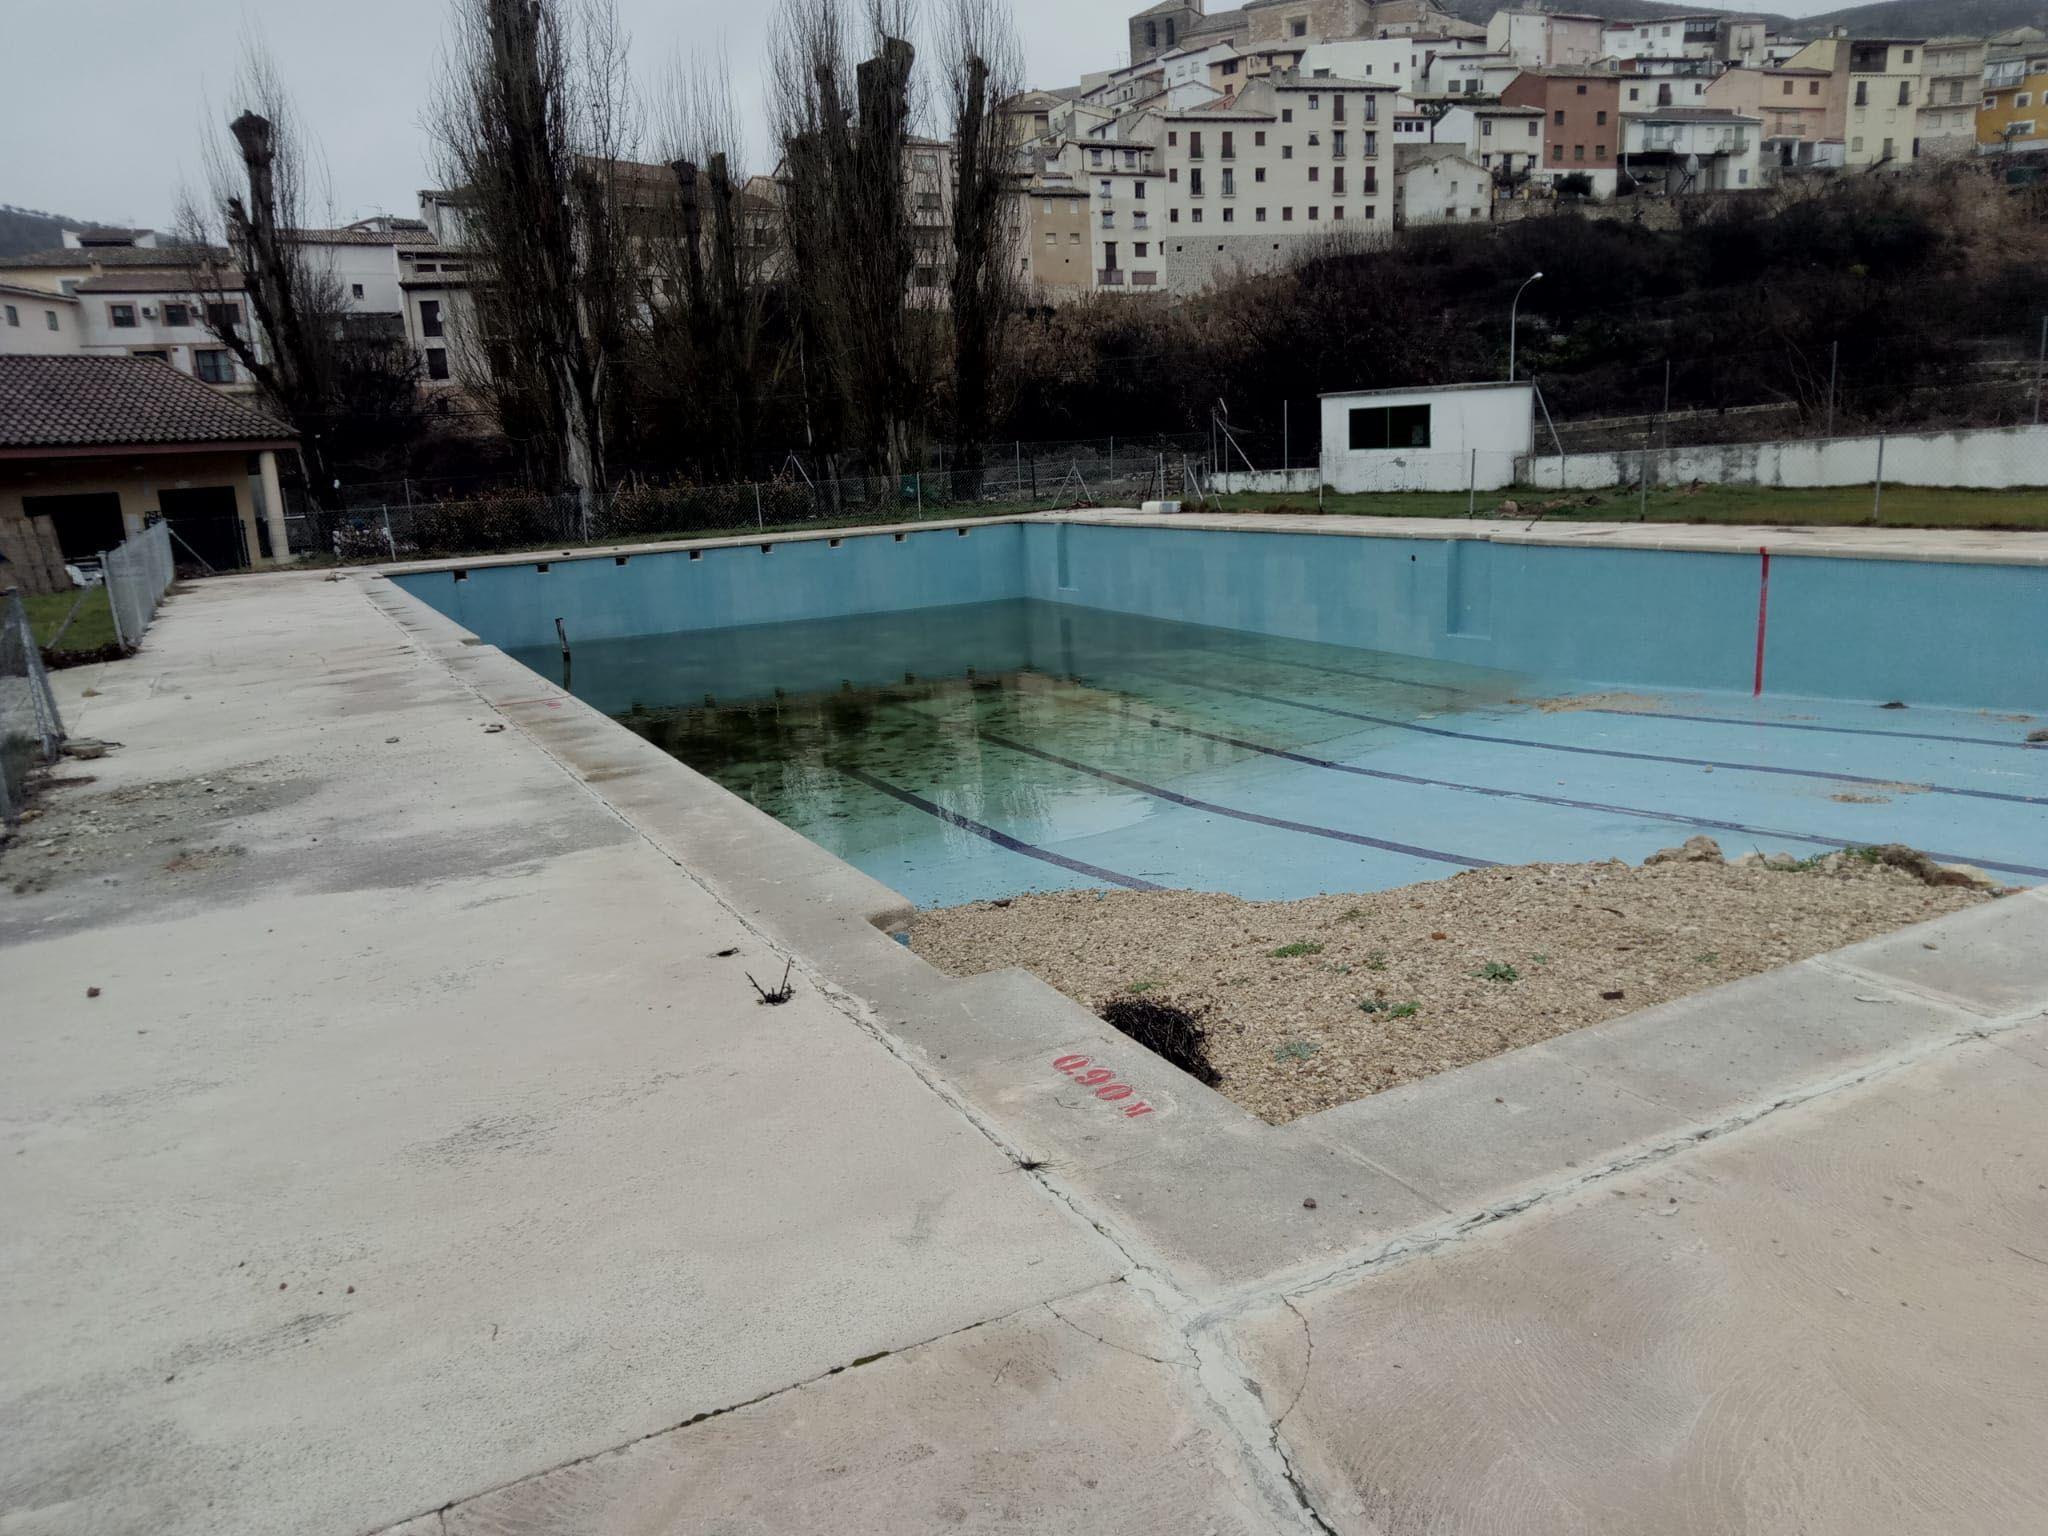 La Diputación de Guadalajara da luz verde a sus planes de inversión para luchar contra la despoblación en Pastrana y Sacedón